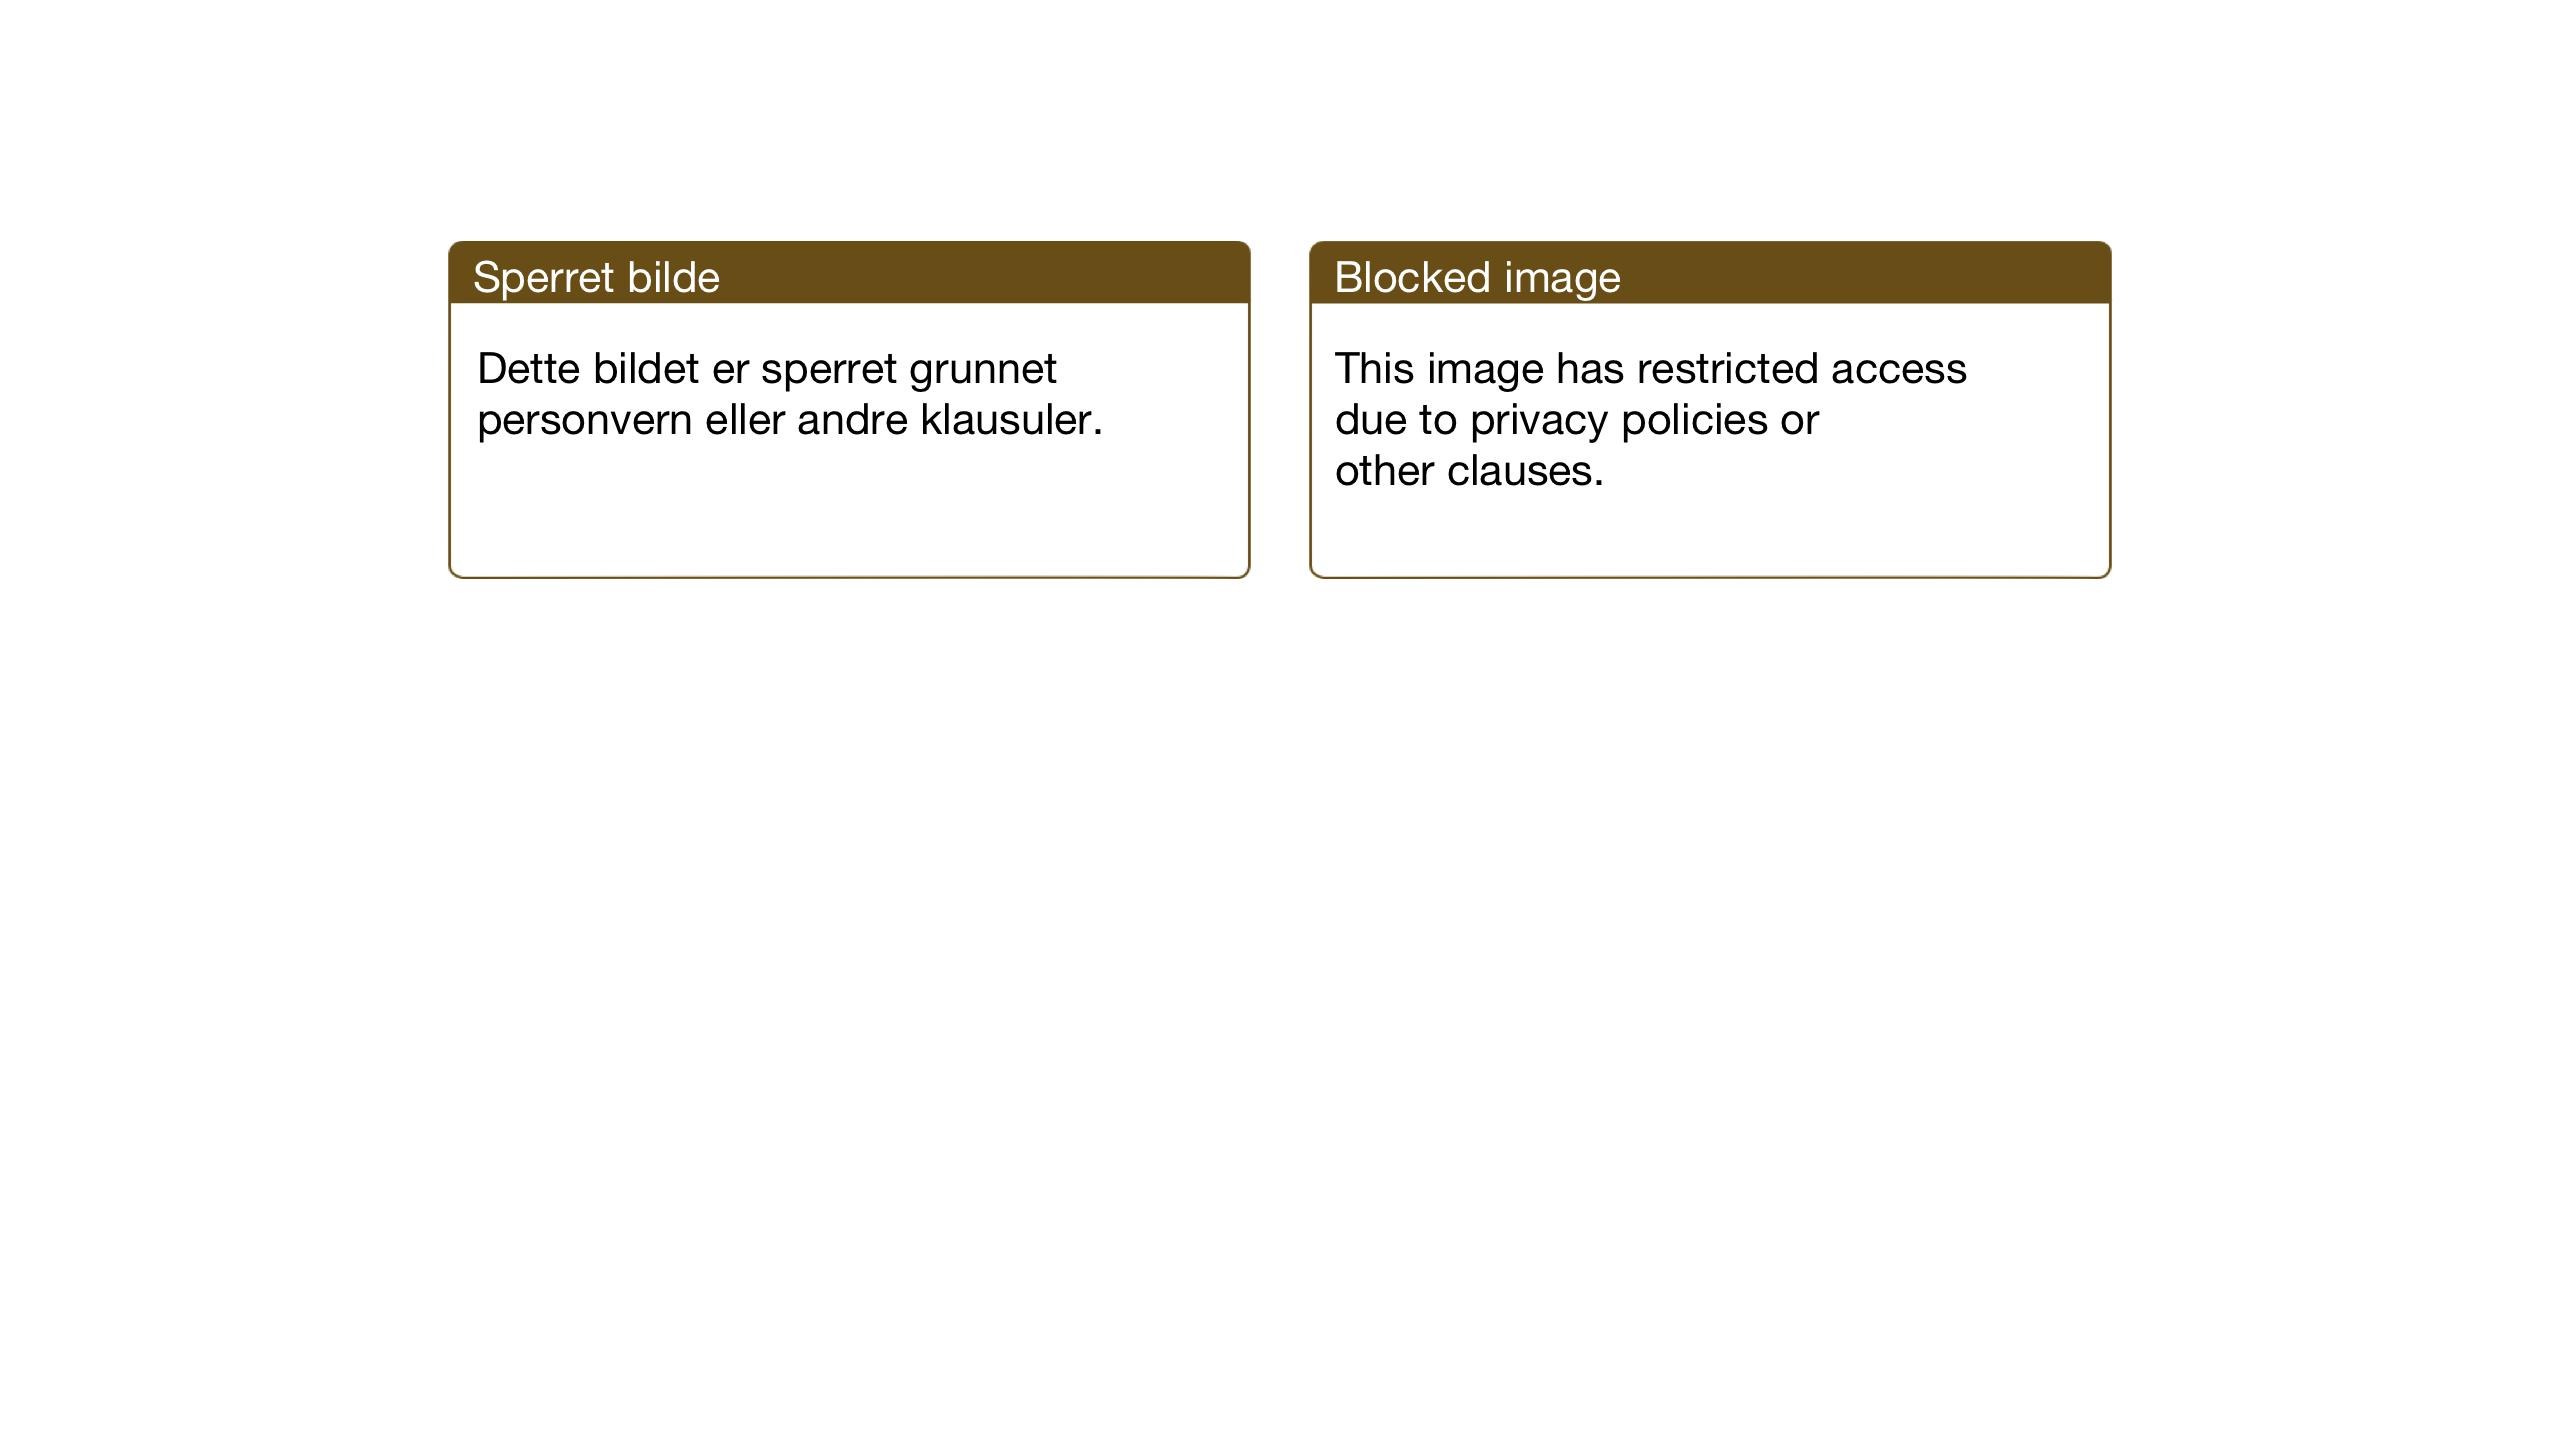 SAT, Ministerialprotokoller, klokkerbøker og fødselsregistre - Nord-Trøndelag, 714/L0136: Klokkerbok nr. 714C05, 1918-1957, s. 45